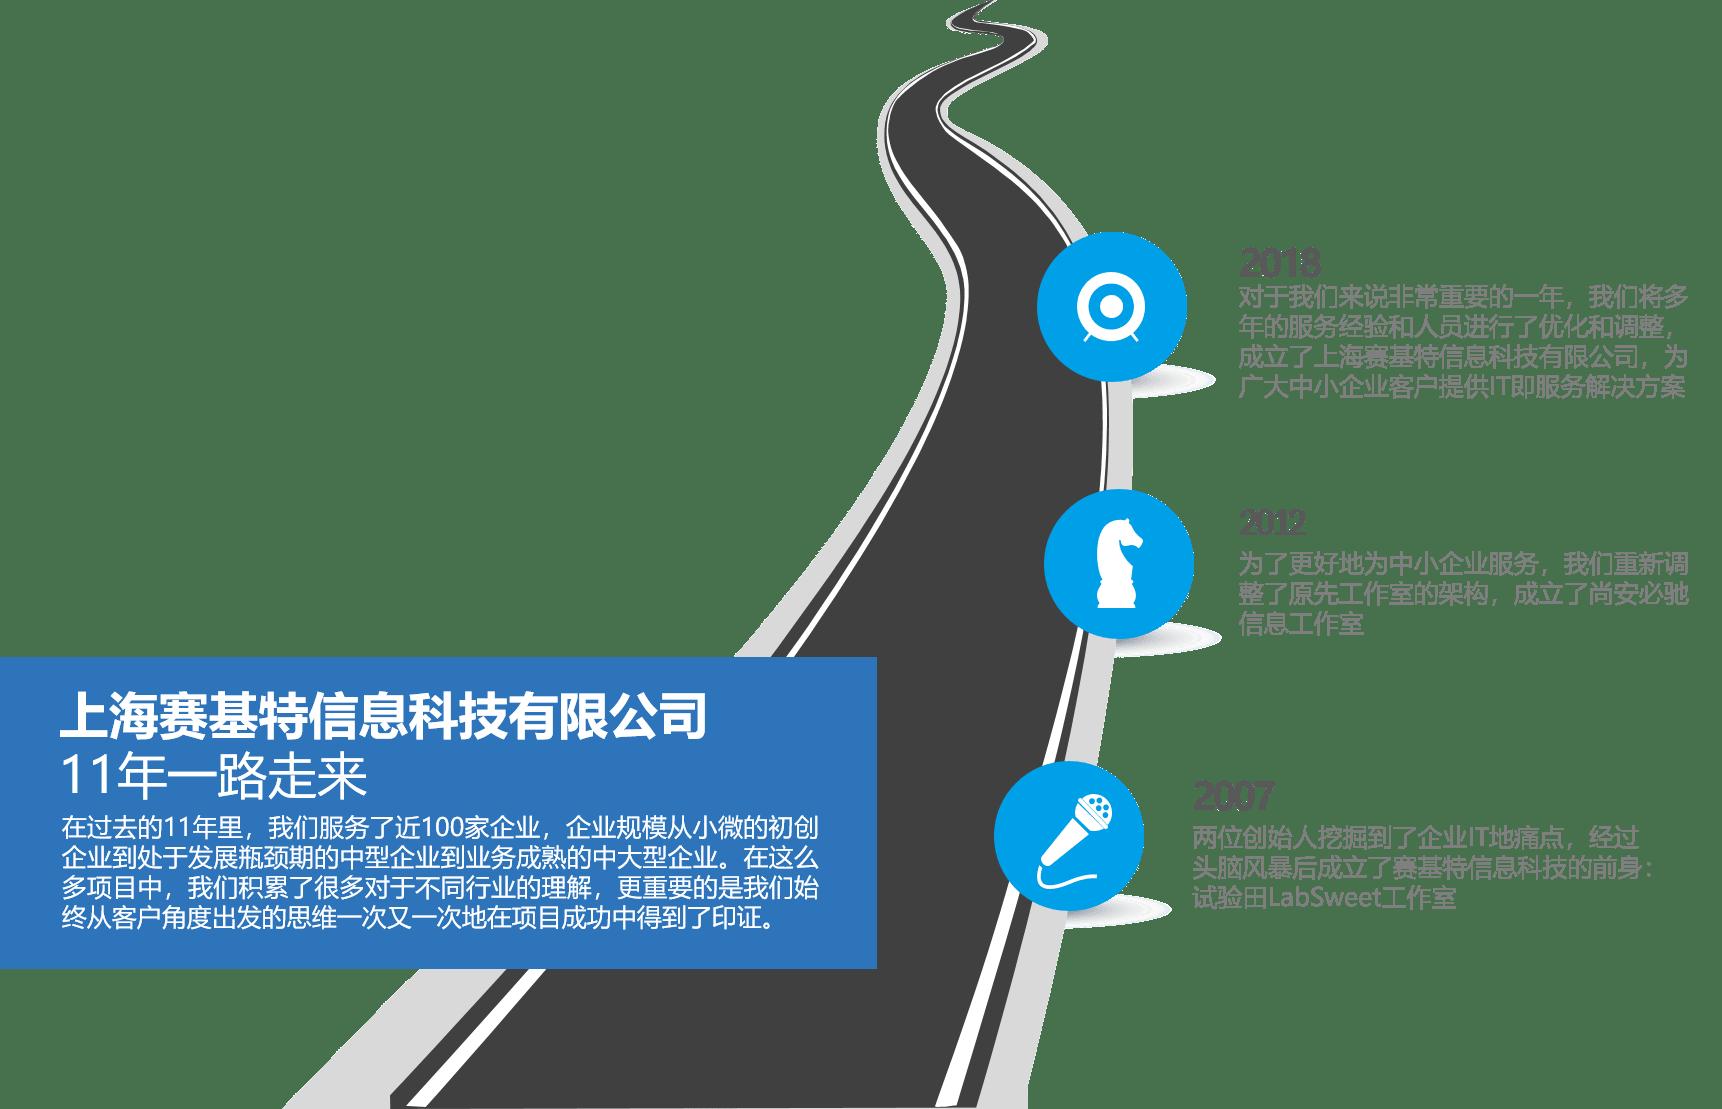 发展历程-赛基特信息科技